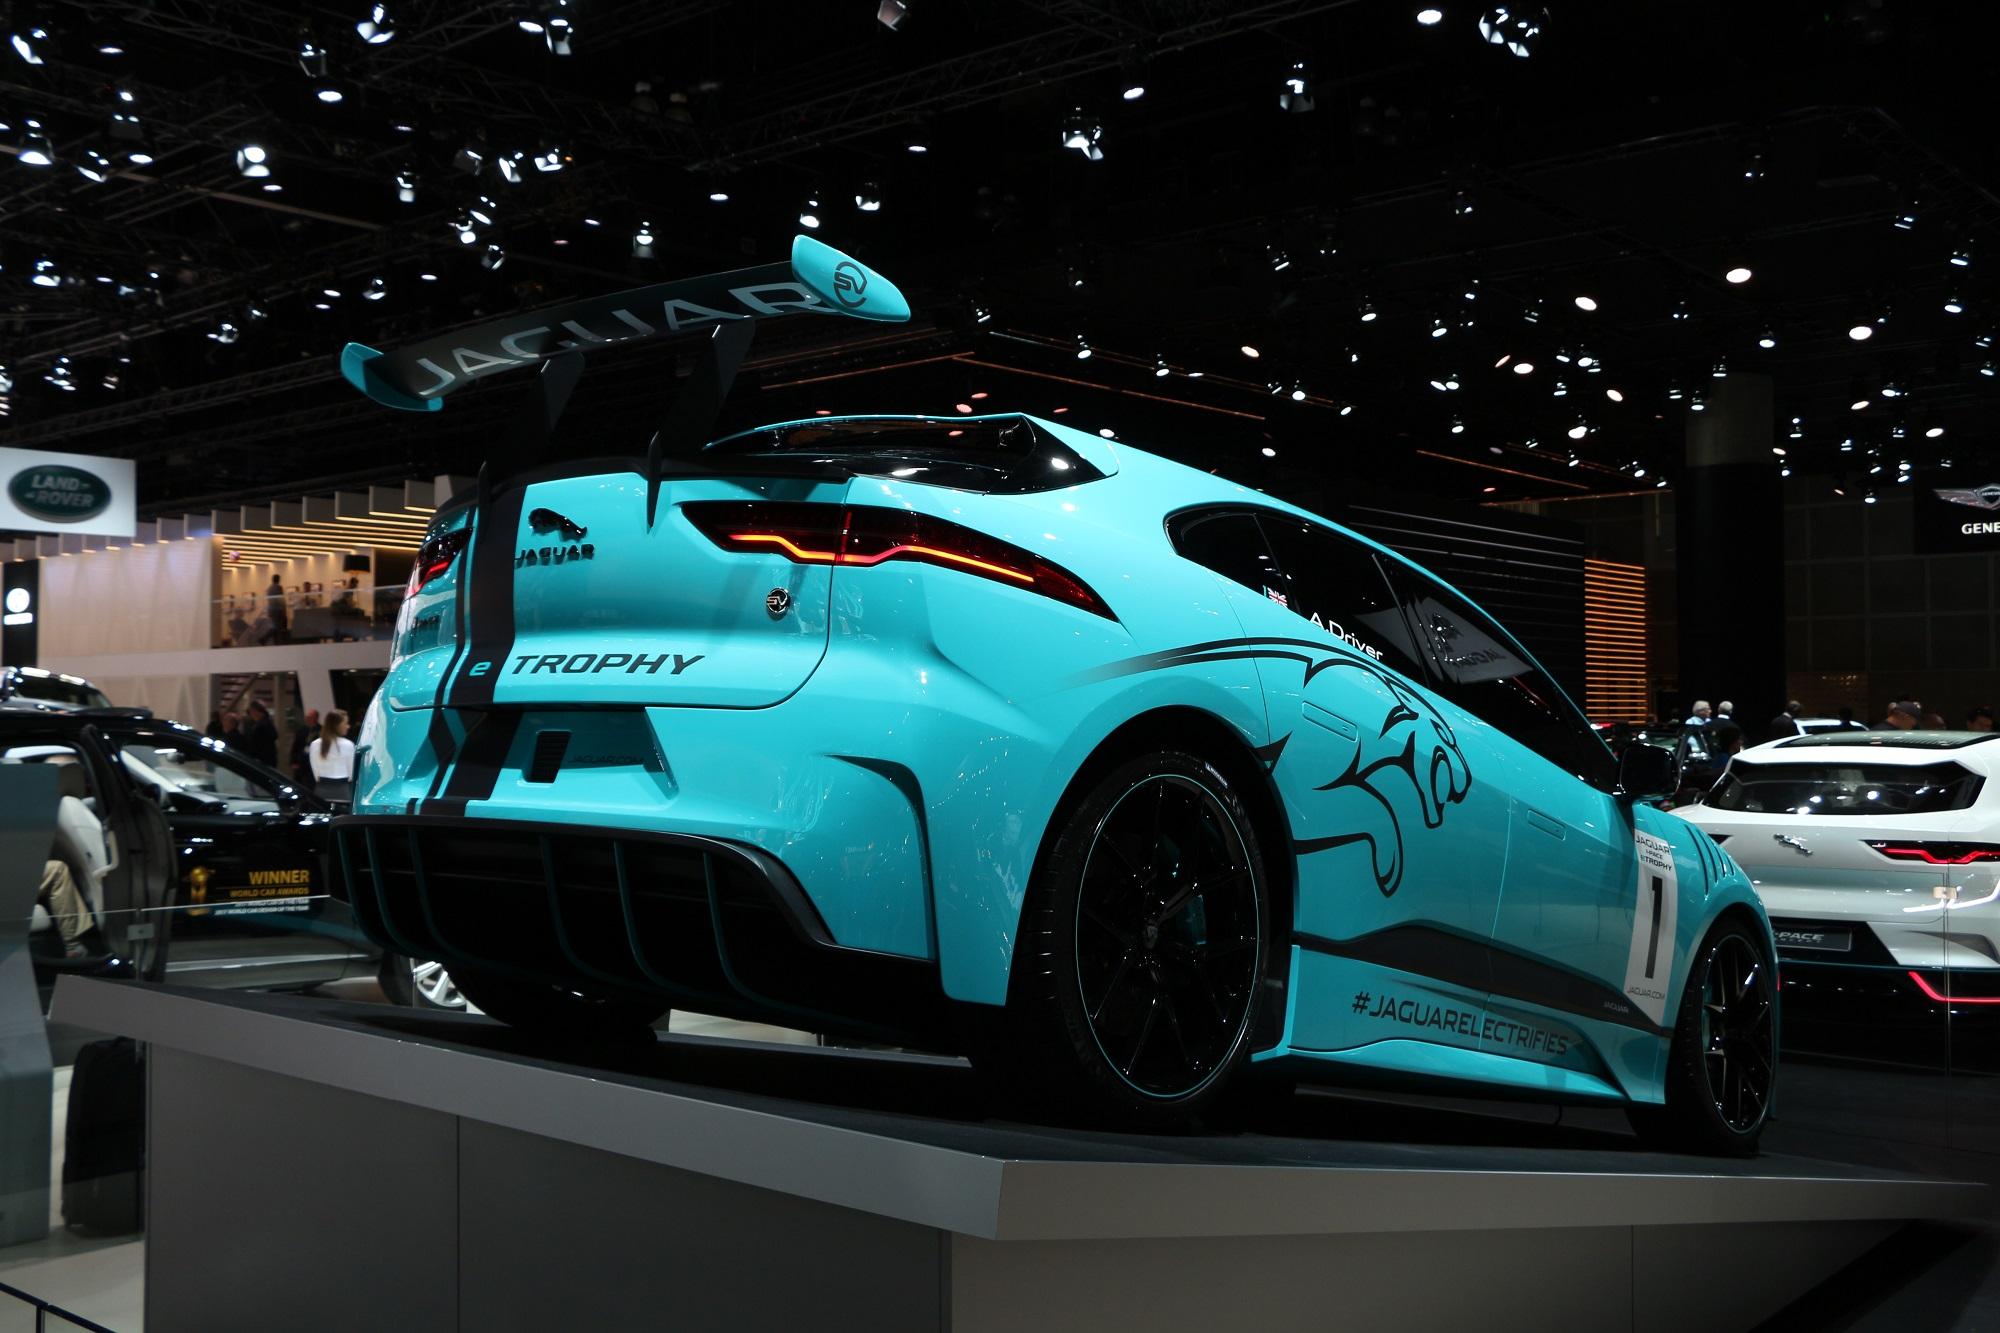 Jaguarforums.com 2018 2017 Jaguar I-PACE EV LA Los Angeles Auto Show Hybrid Electric eTrophy Race Car I-TYPE FIA Formula E